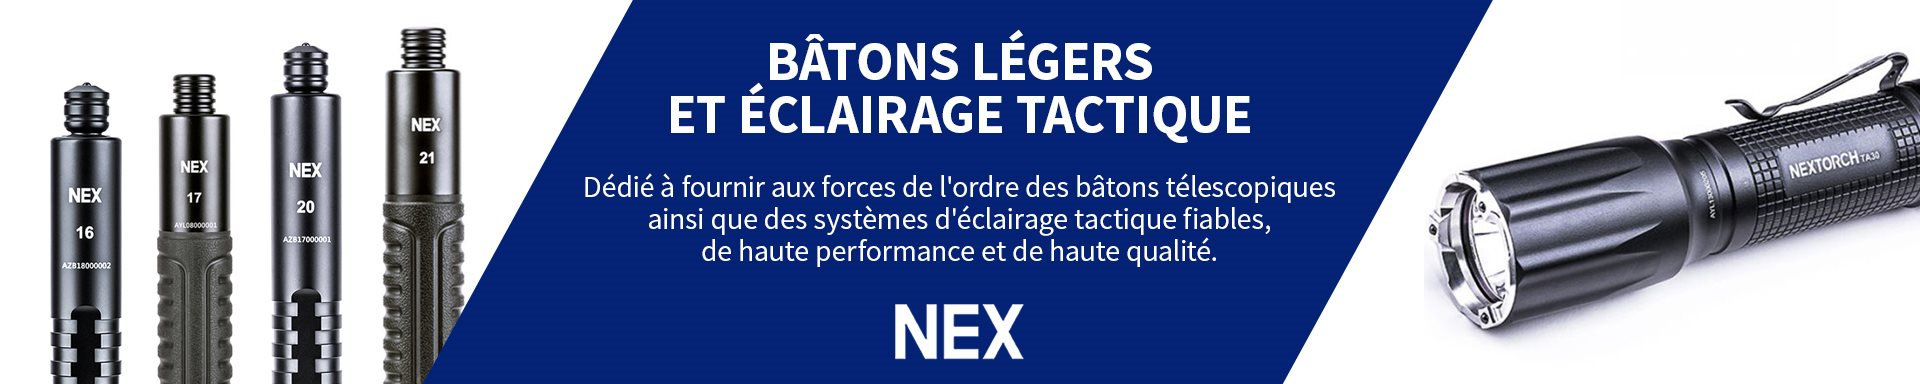 Nex - Batons et éclairage